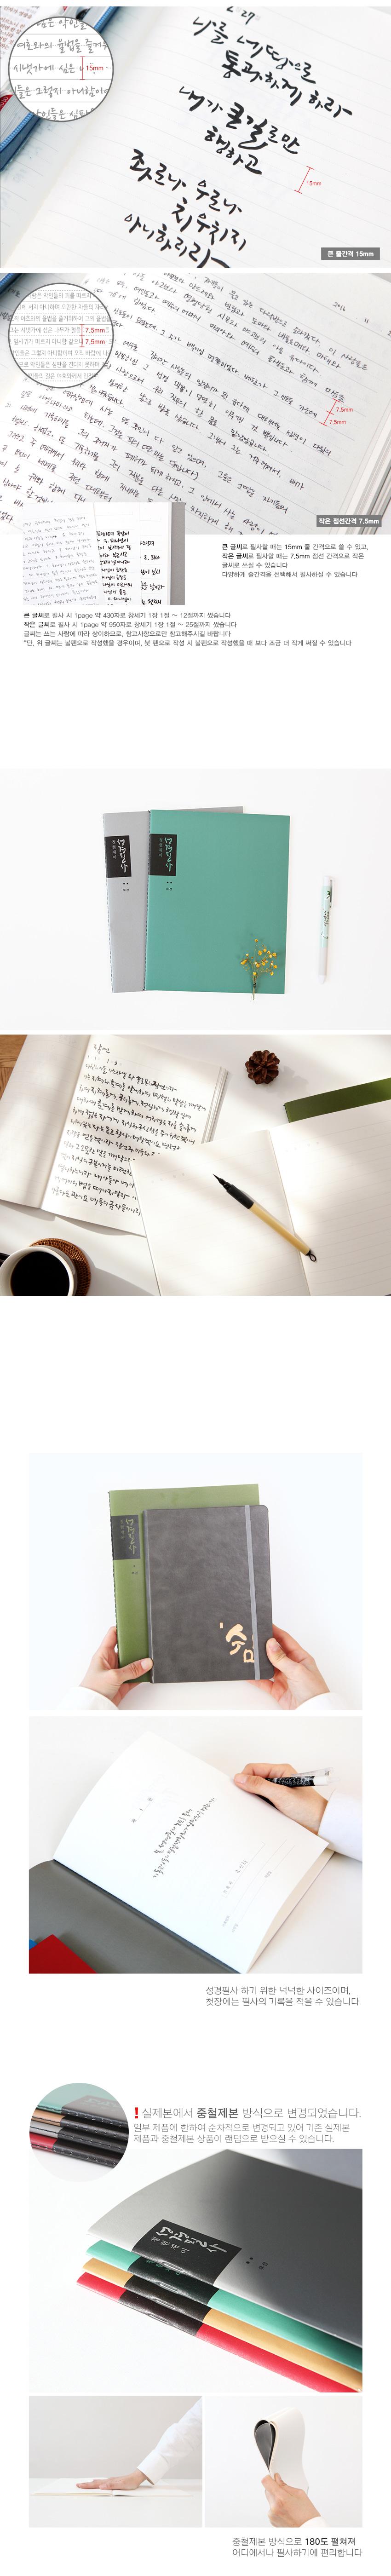 청현재이 성경필사노트_01.그레이(유선) - 그레이스벨, 3,200원, 베이직노트, 유선노트